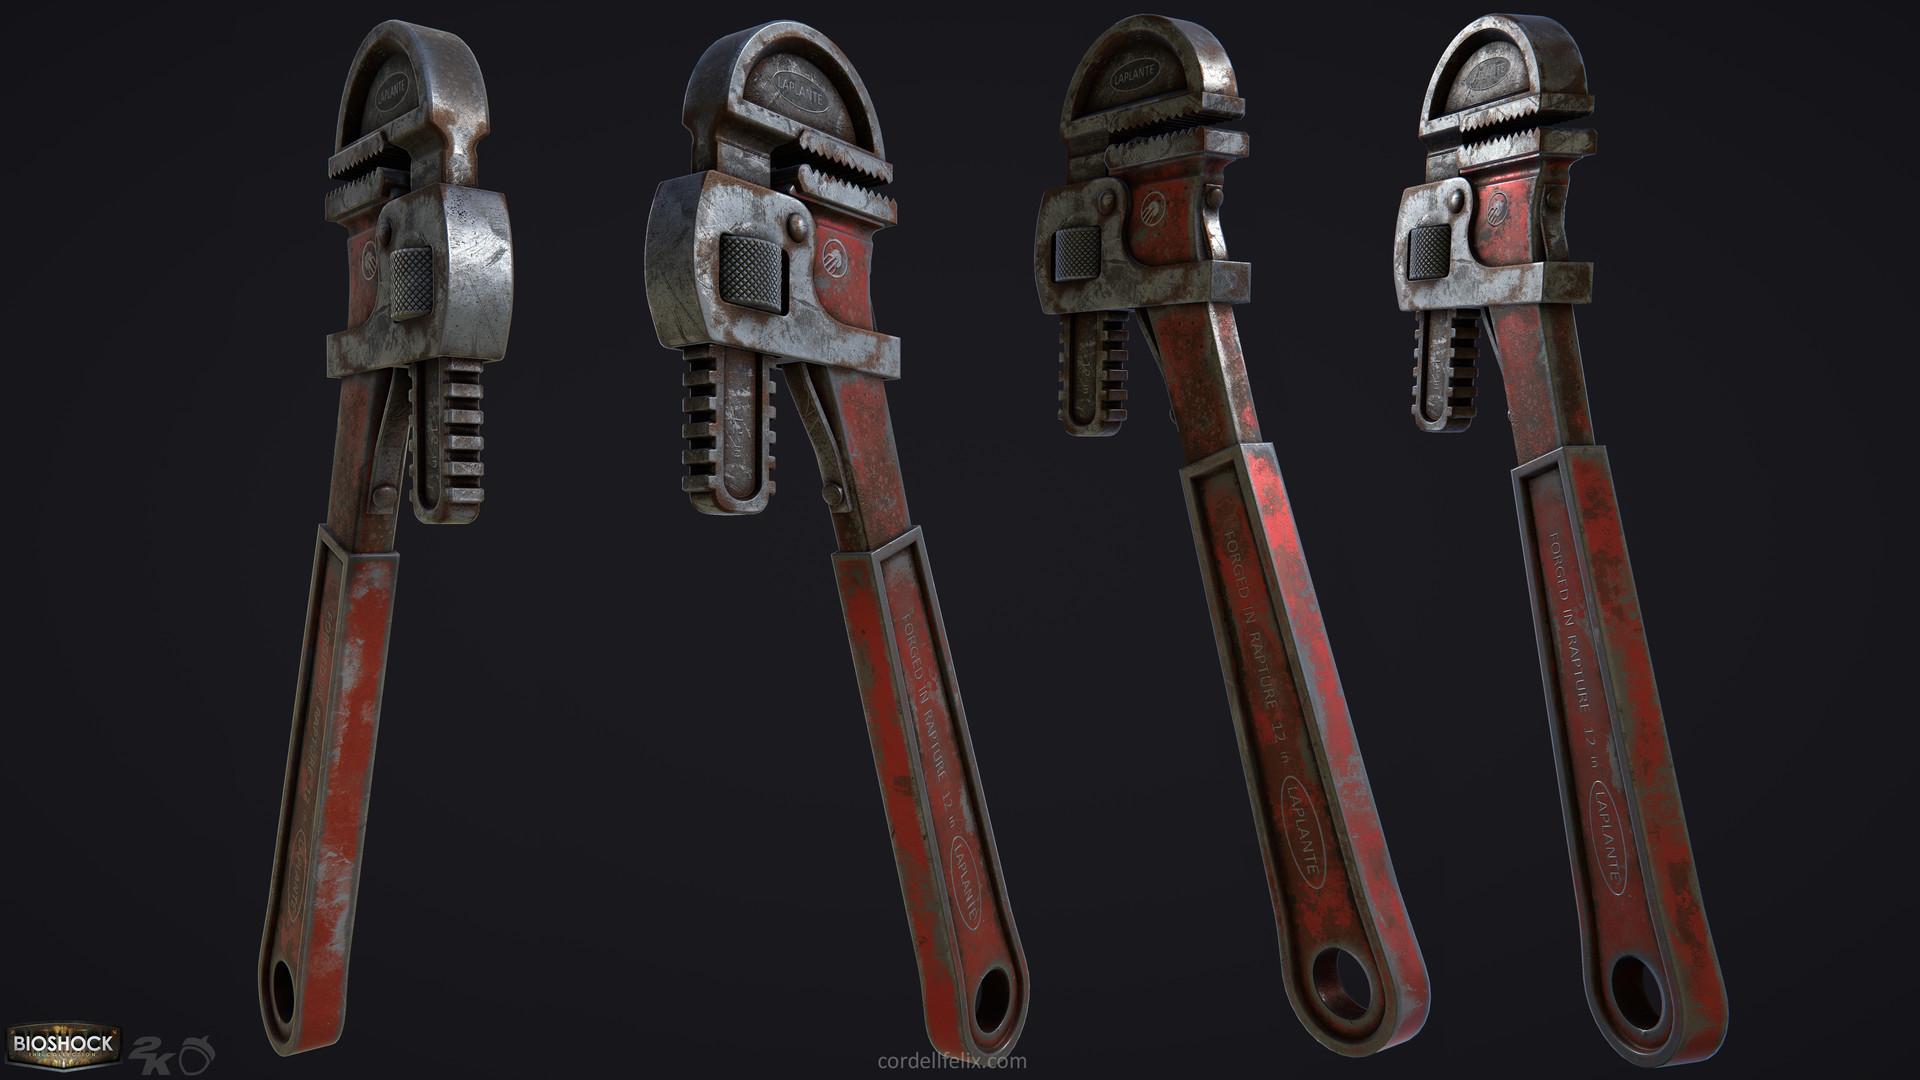 Cordell felix cordellfelix bioshock wrench both